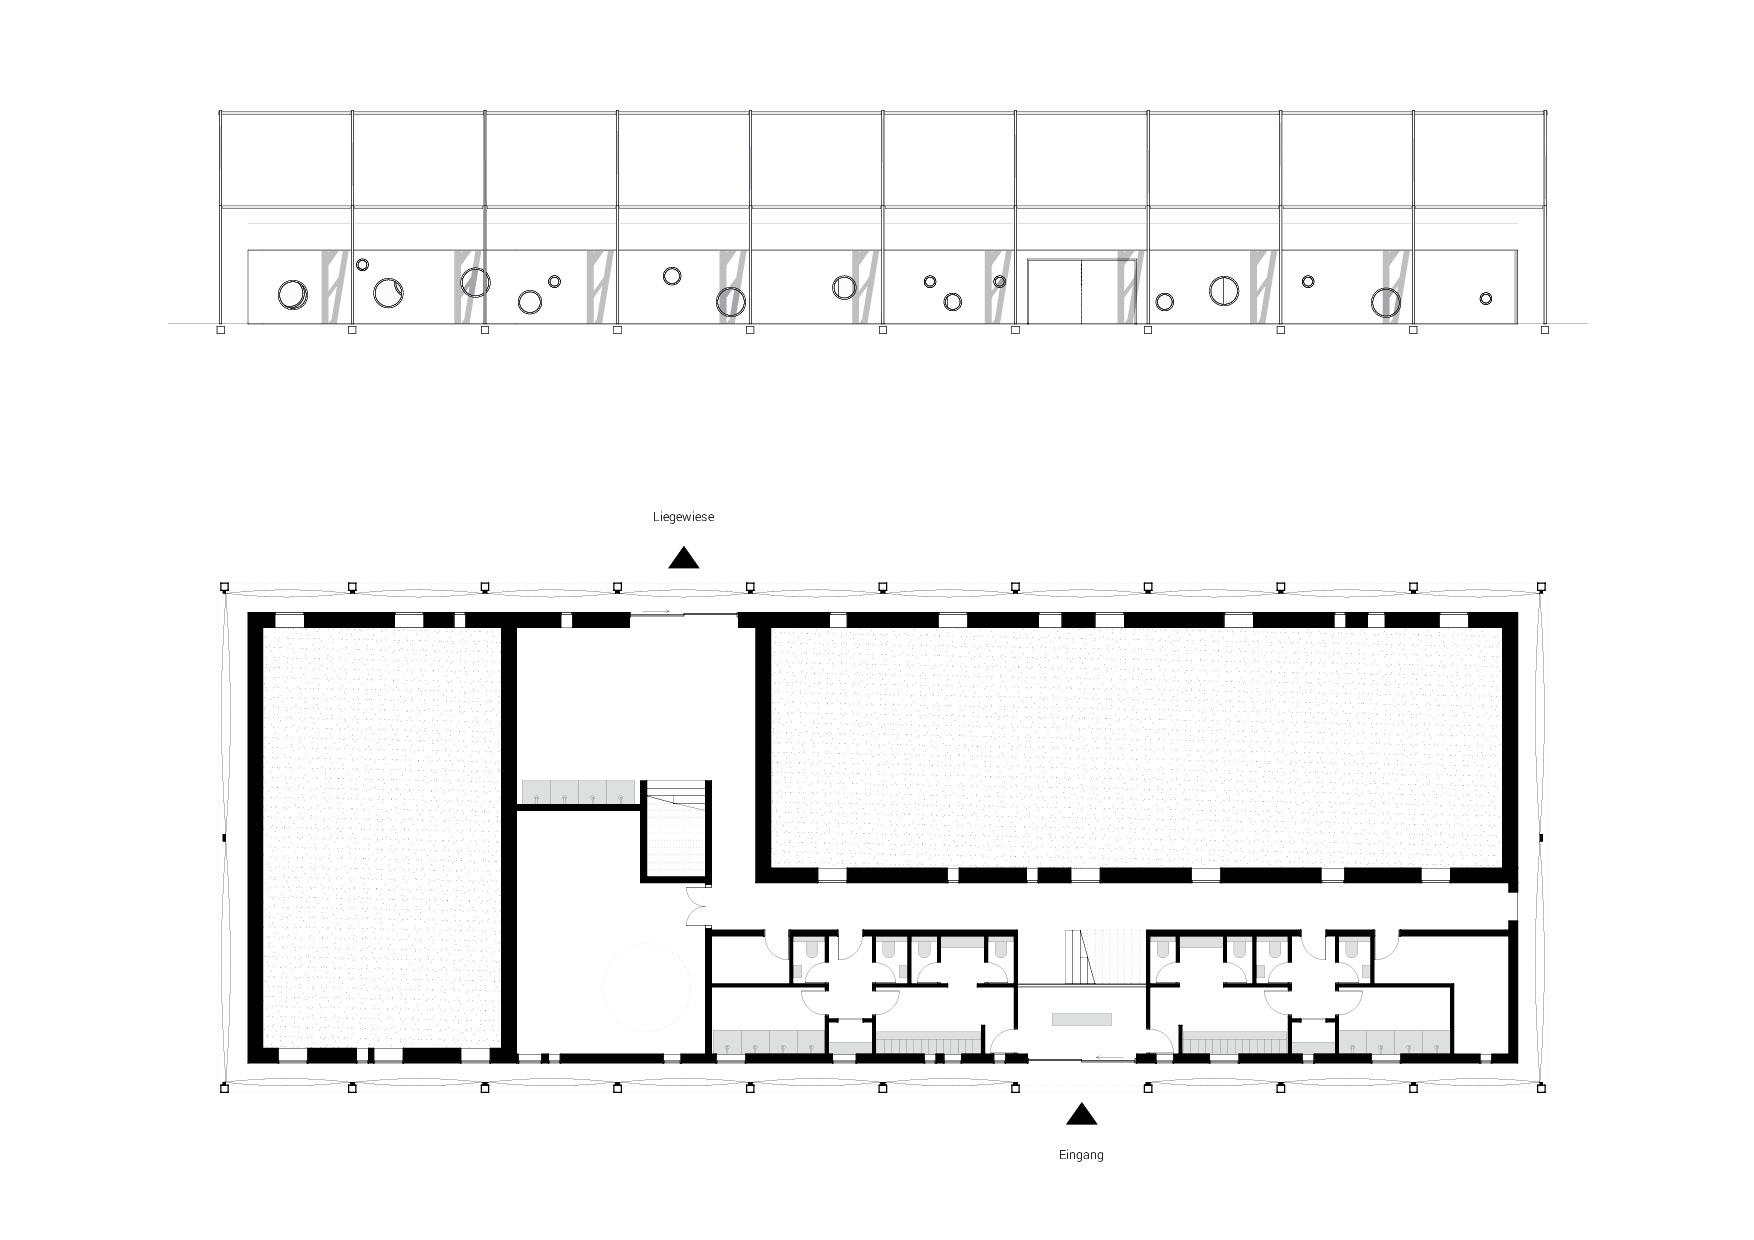 KUBIK Architektur - Studio für Architektur Berlin - architecture - Projekt - Schwimmbad - Grundriss